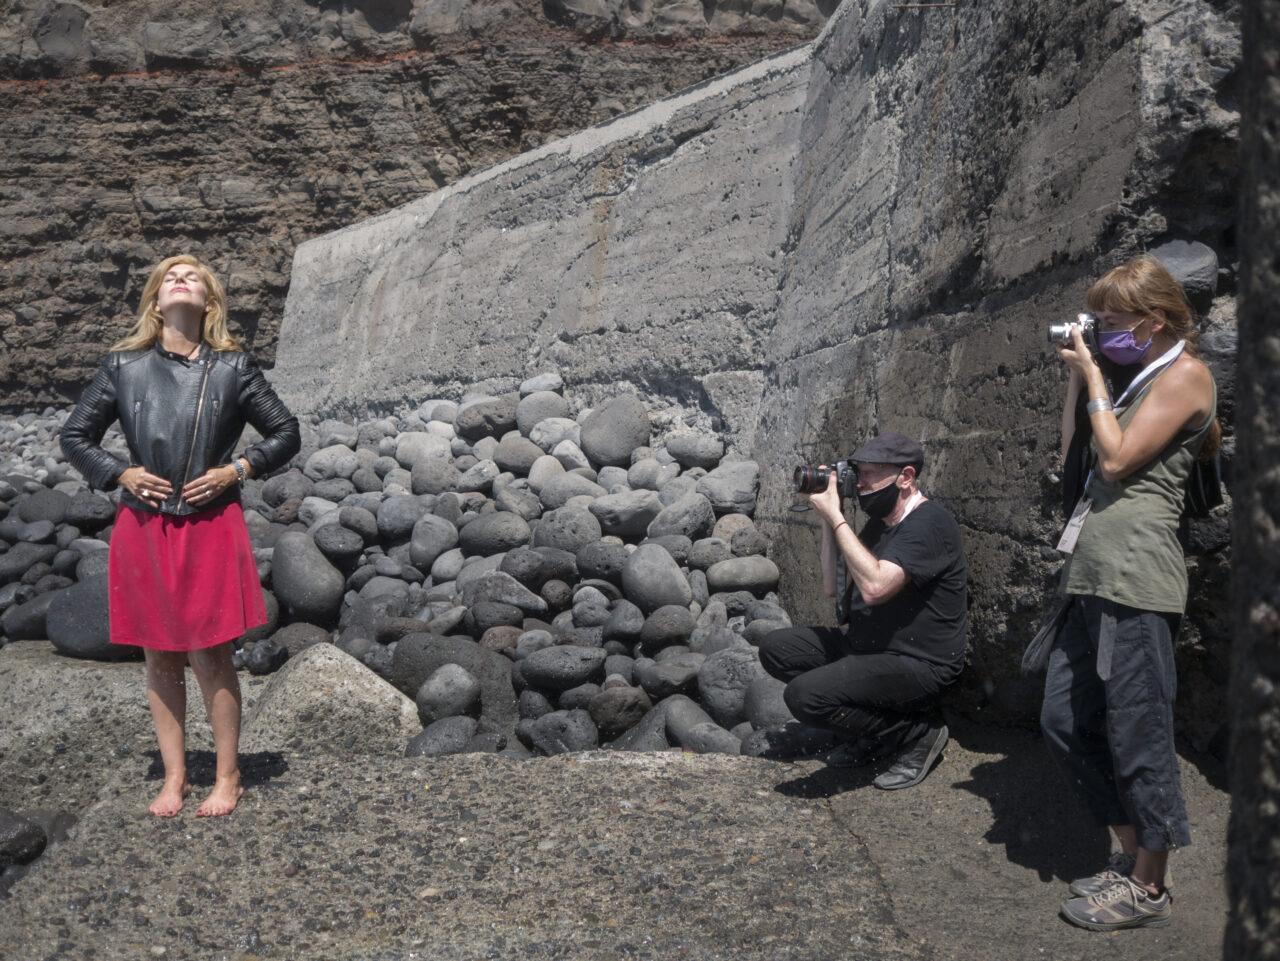 Daniel Mordzinski y Stefania Mucci, becada del Centro de Fotografía Isla Bonita para realizar prácticas durante el III Festival Hispanoamericano de Escritores que se celebra en Los Llanos de Aridane, realizan un retrato a Valeria Correa Fiz.